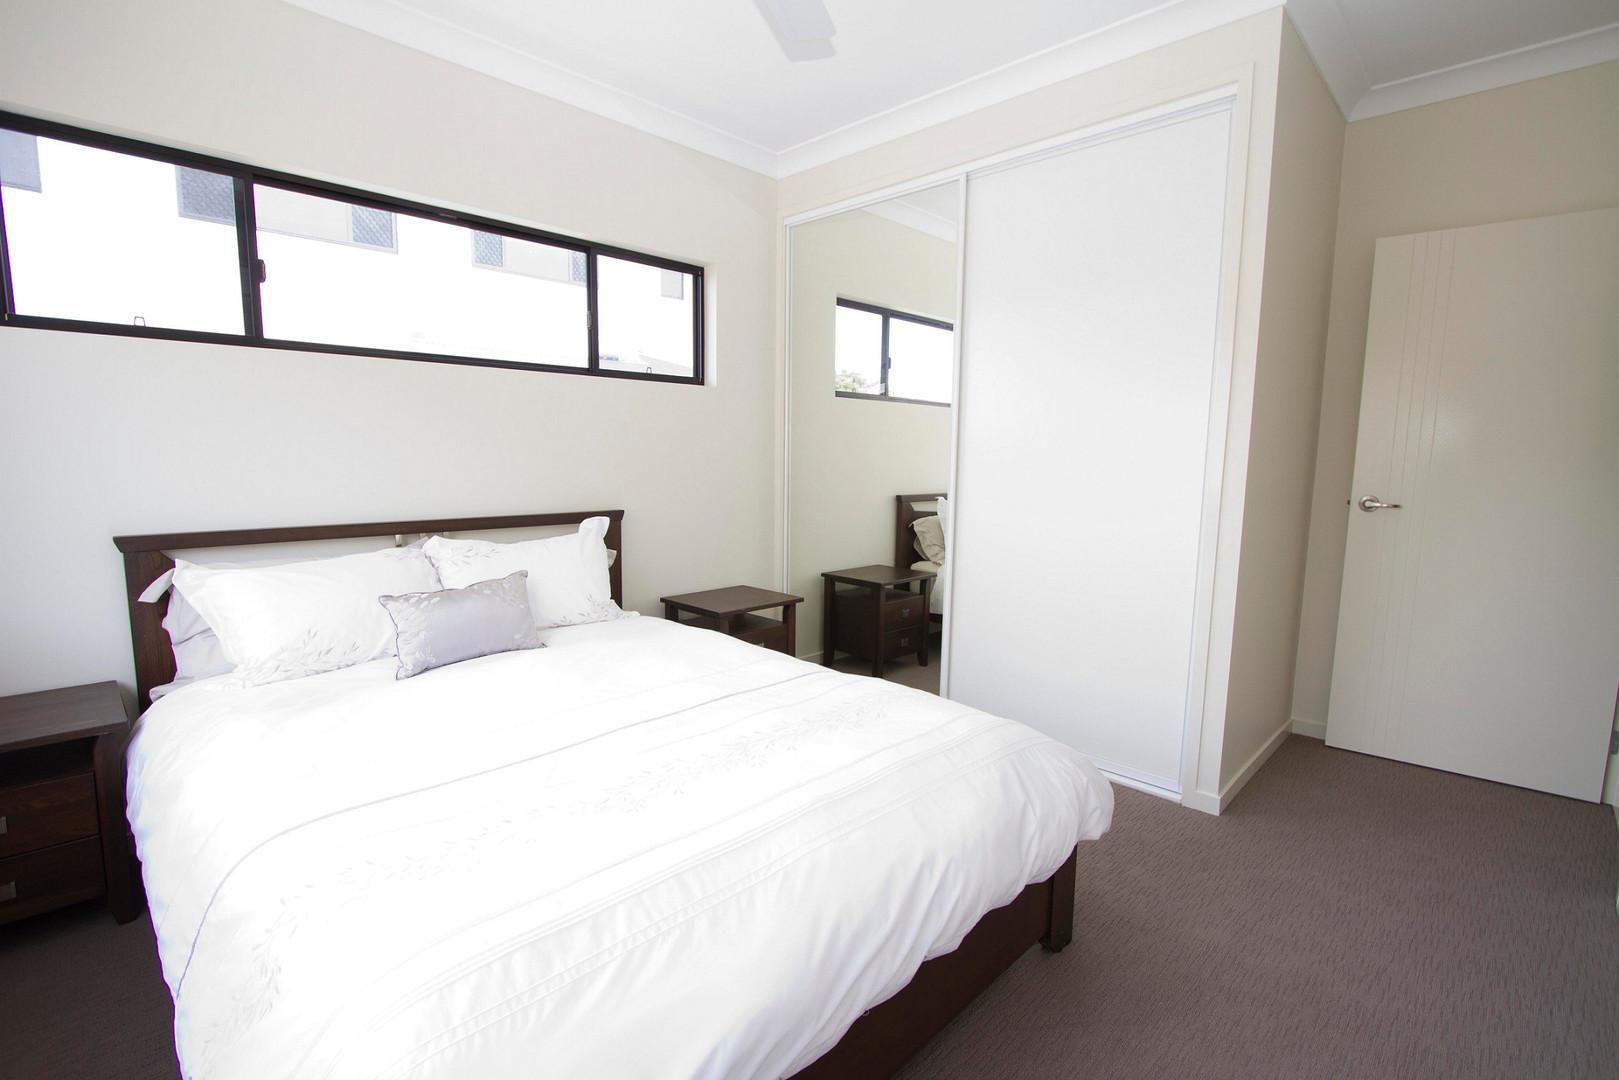 25 - C2 - Bedroom 1.jpg